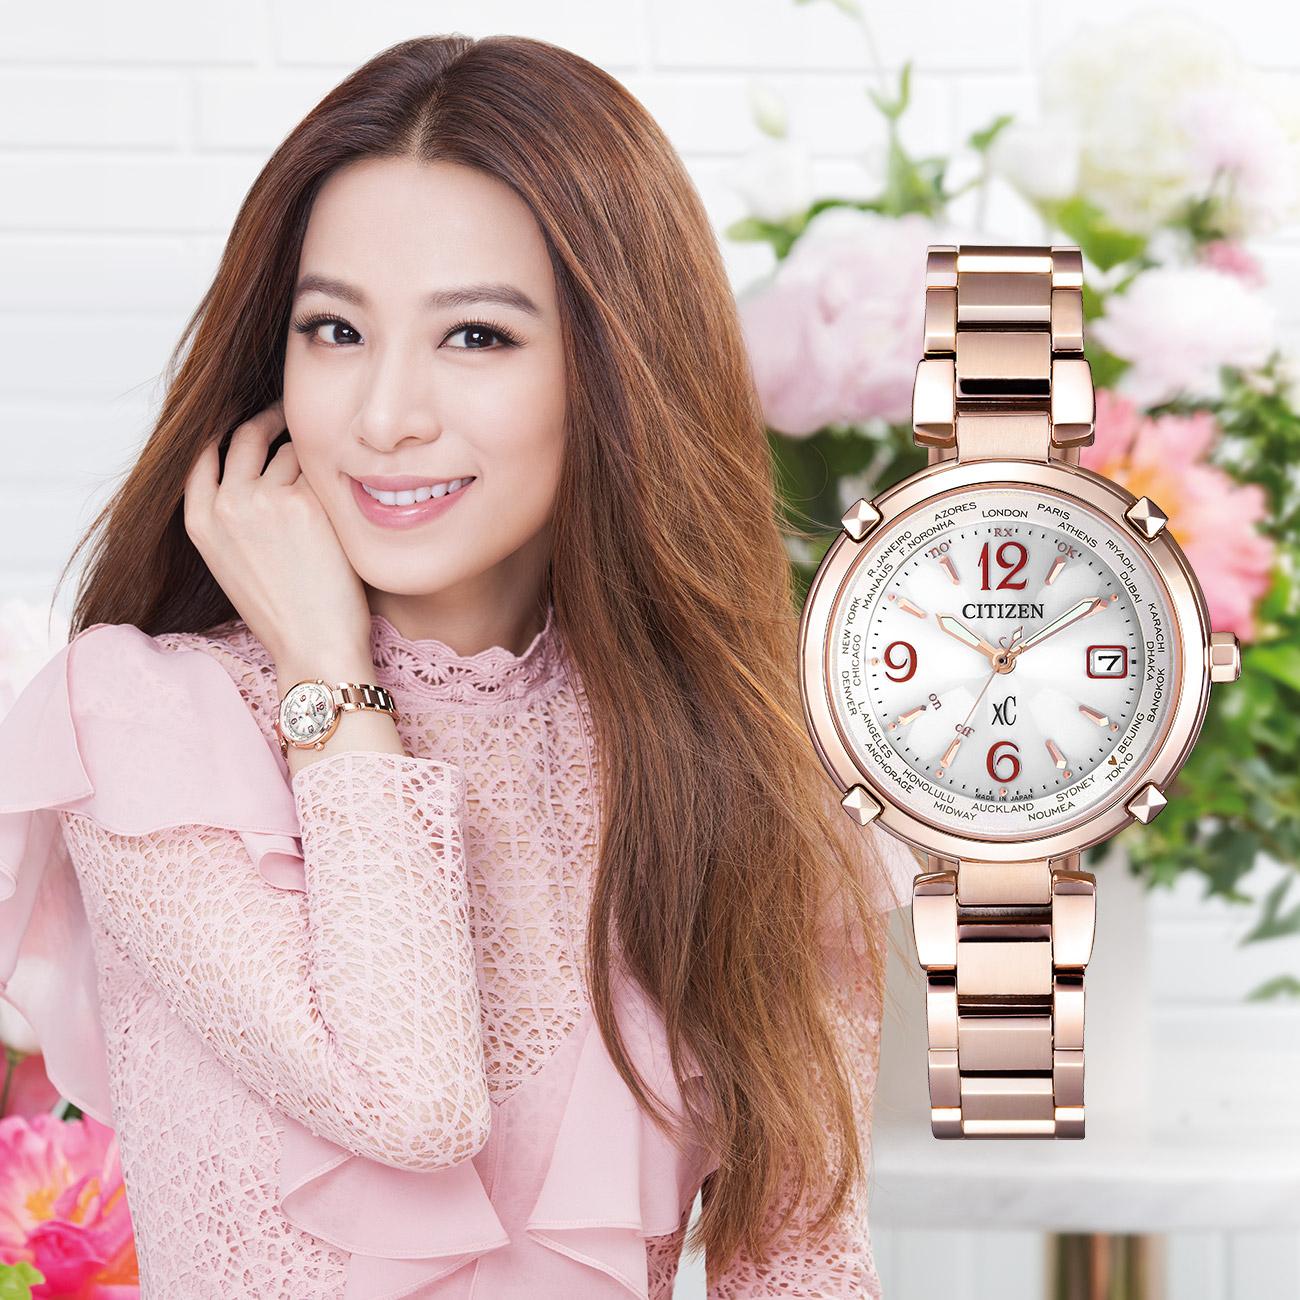 EC1047 西铁城日本官方正品光动能多局电波时尚超级钛粉金色女表